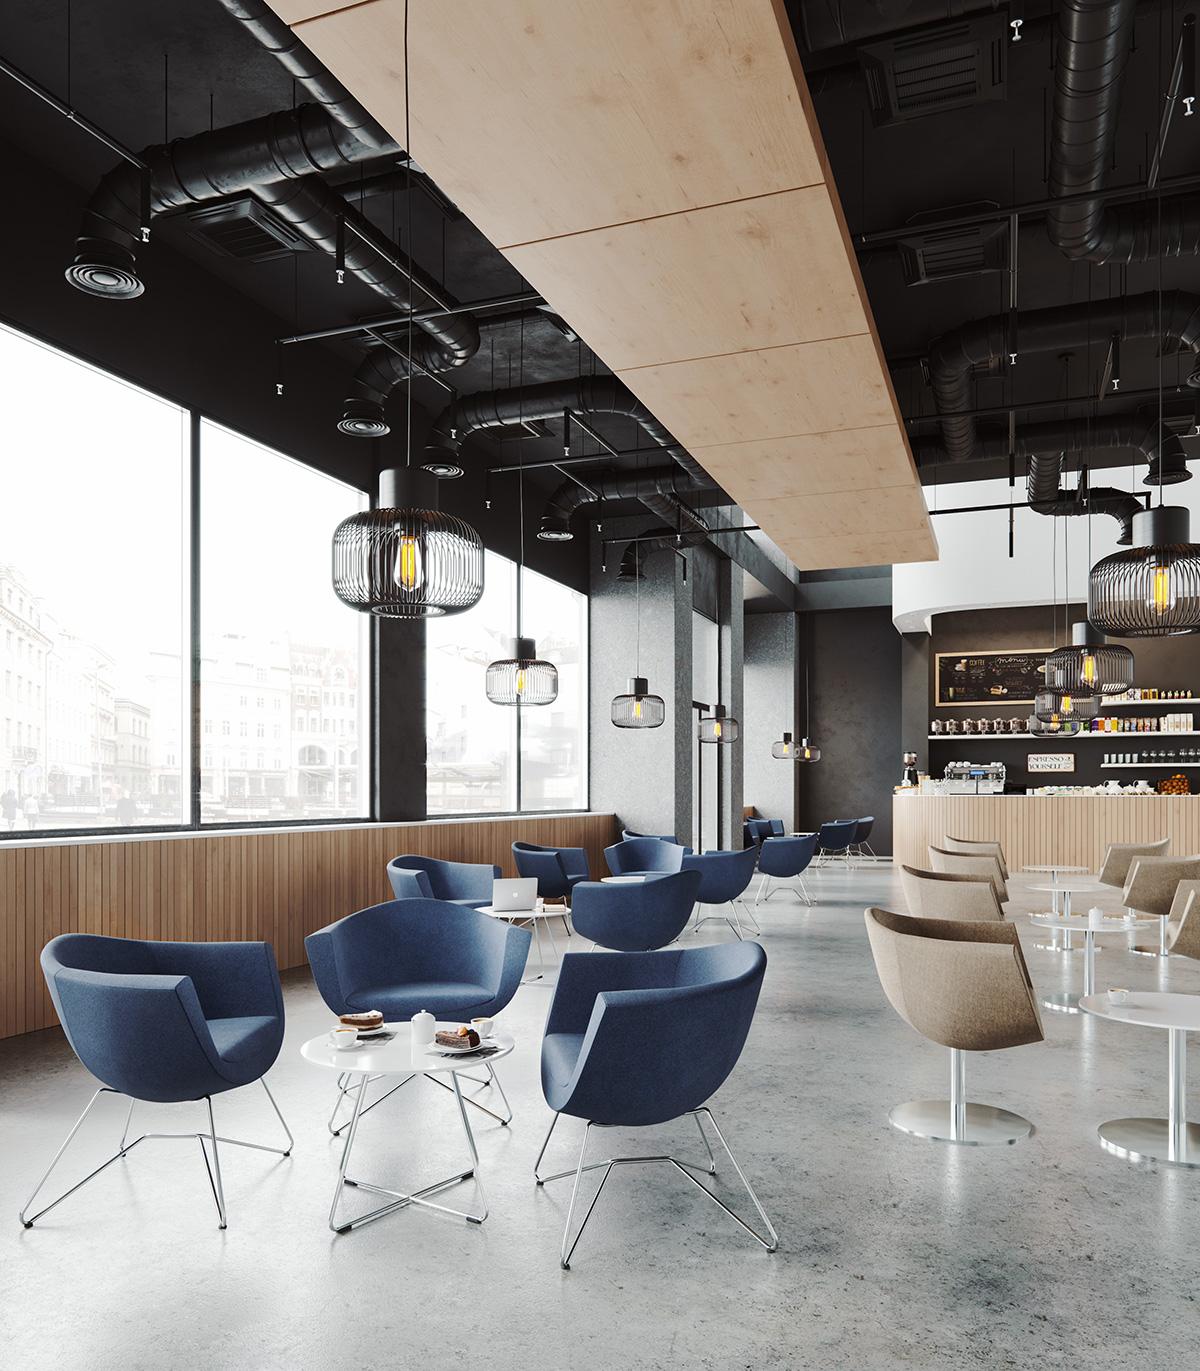 Wygodne fotele do kawiarni